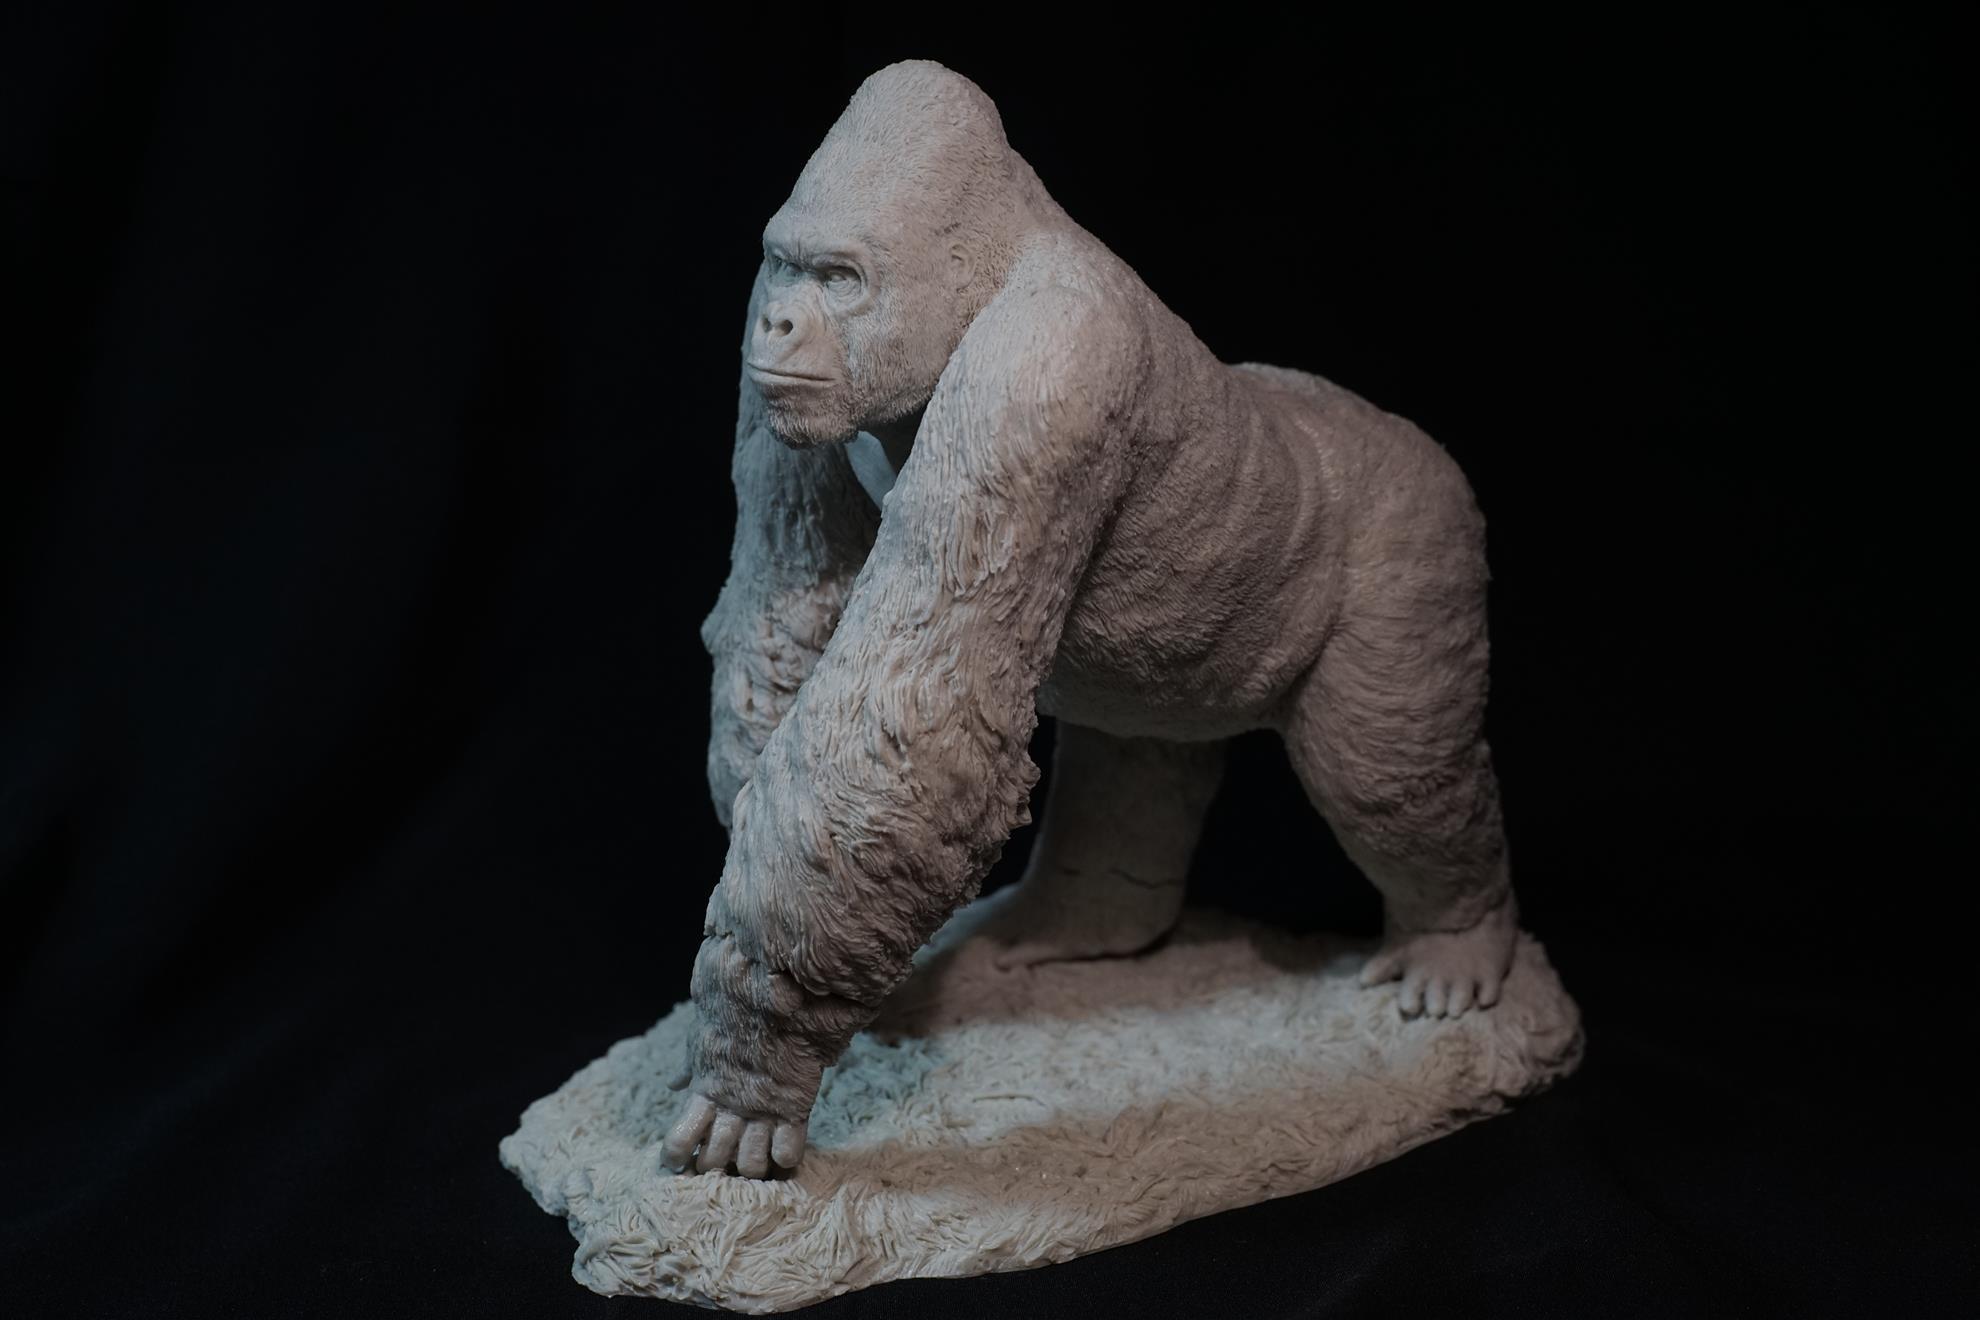 西部大猩猩,藝術家:李子奇:叢林裡的巨猩,天生王者